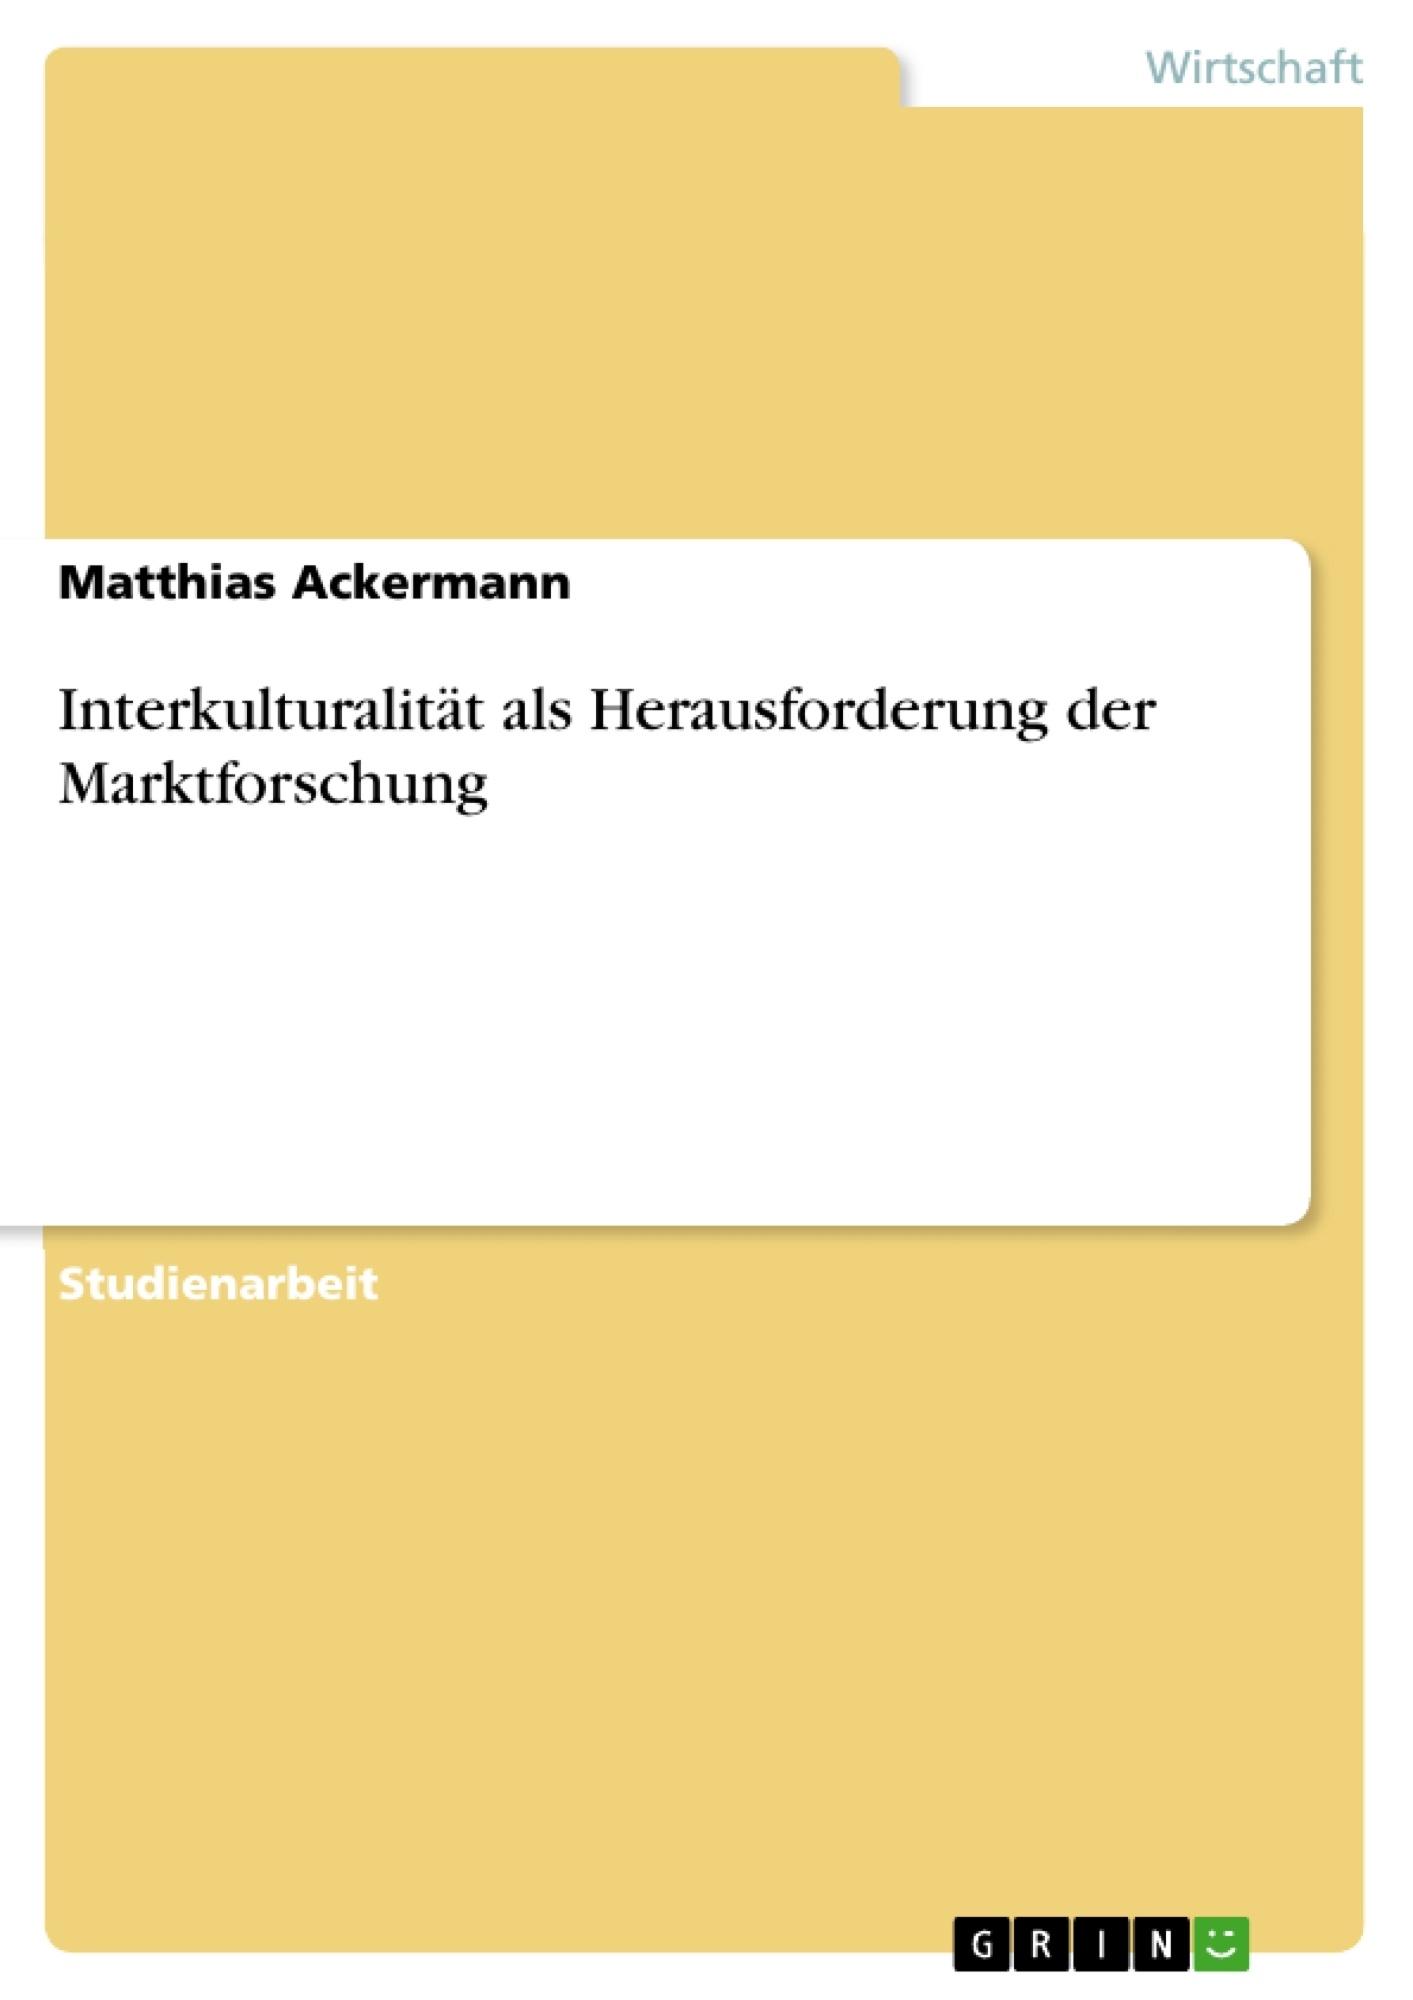 Titel: Interkulturalität als Herausforderung der Marktforschung